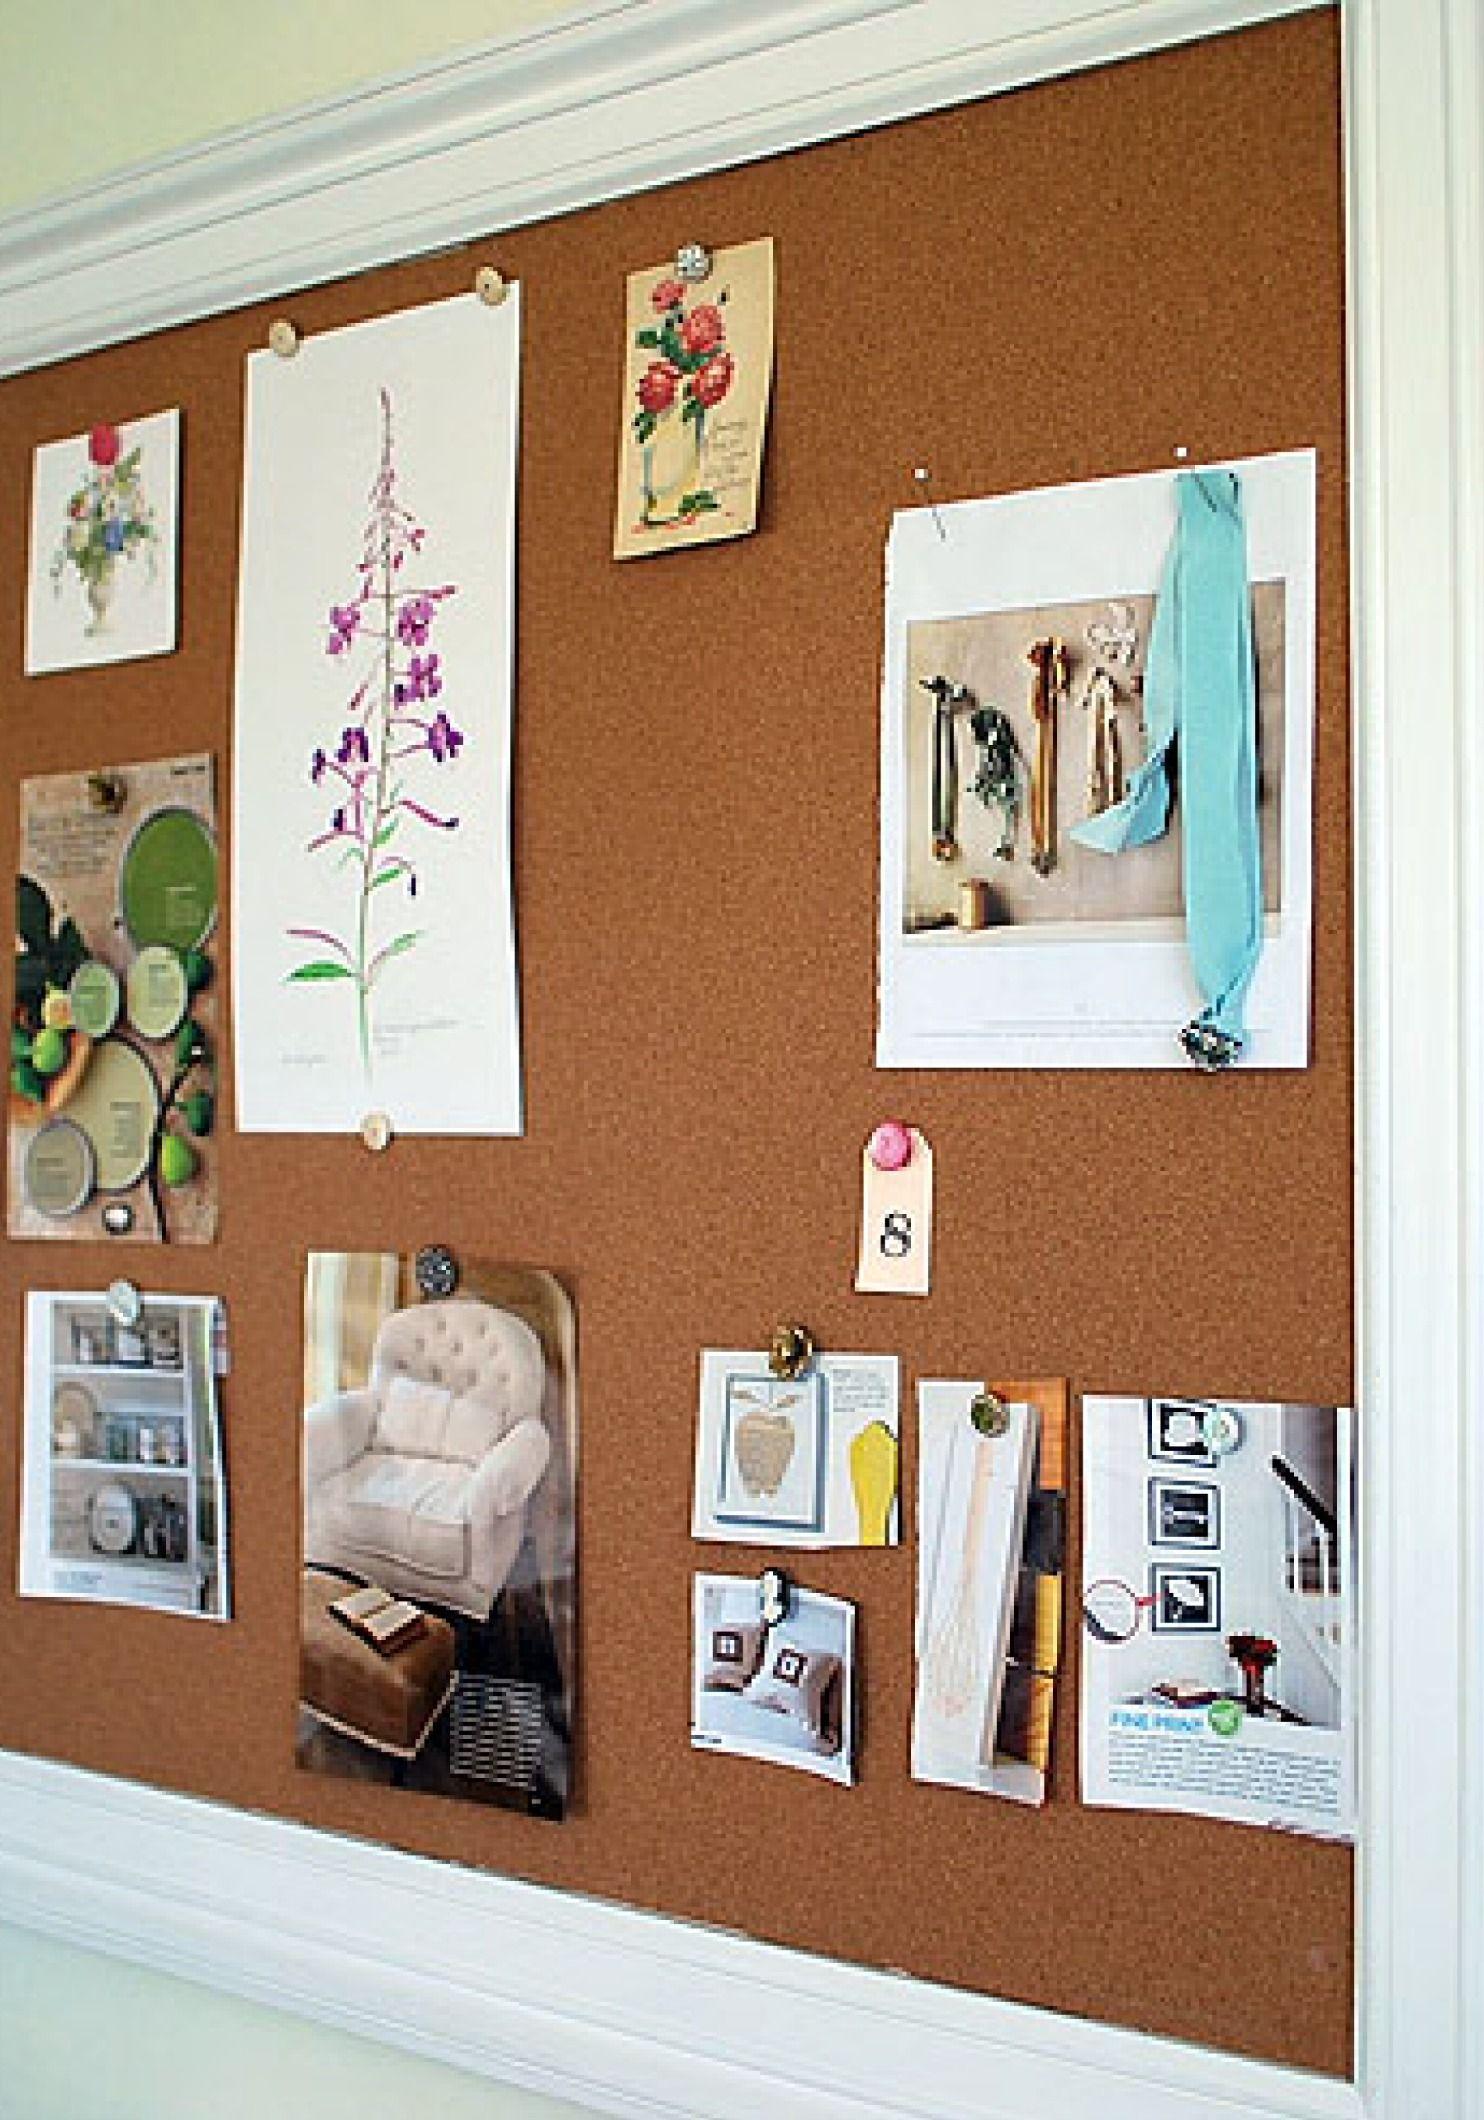 How To Make A Framed Bulletin Board Diy Crafts For Bedroom Diy